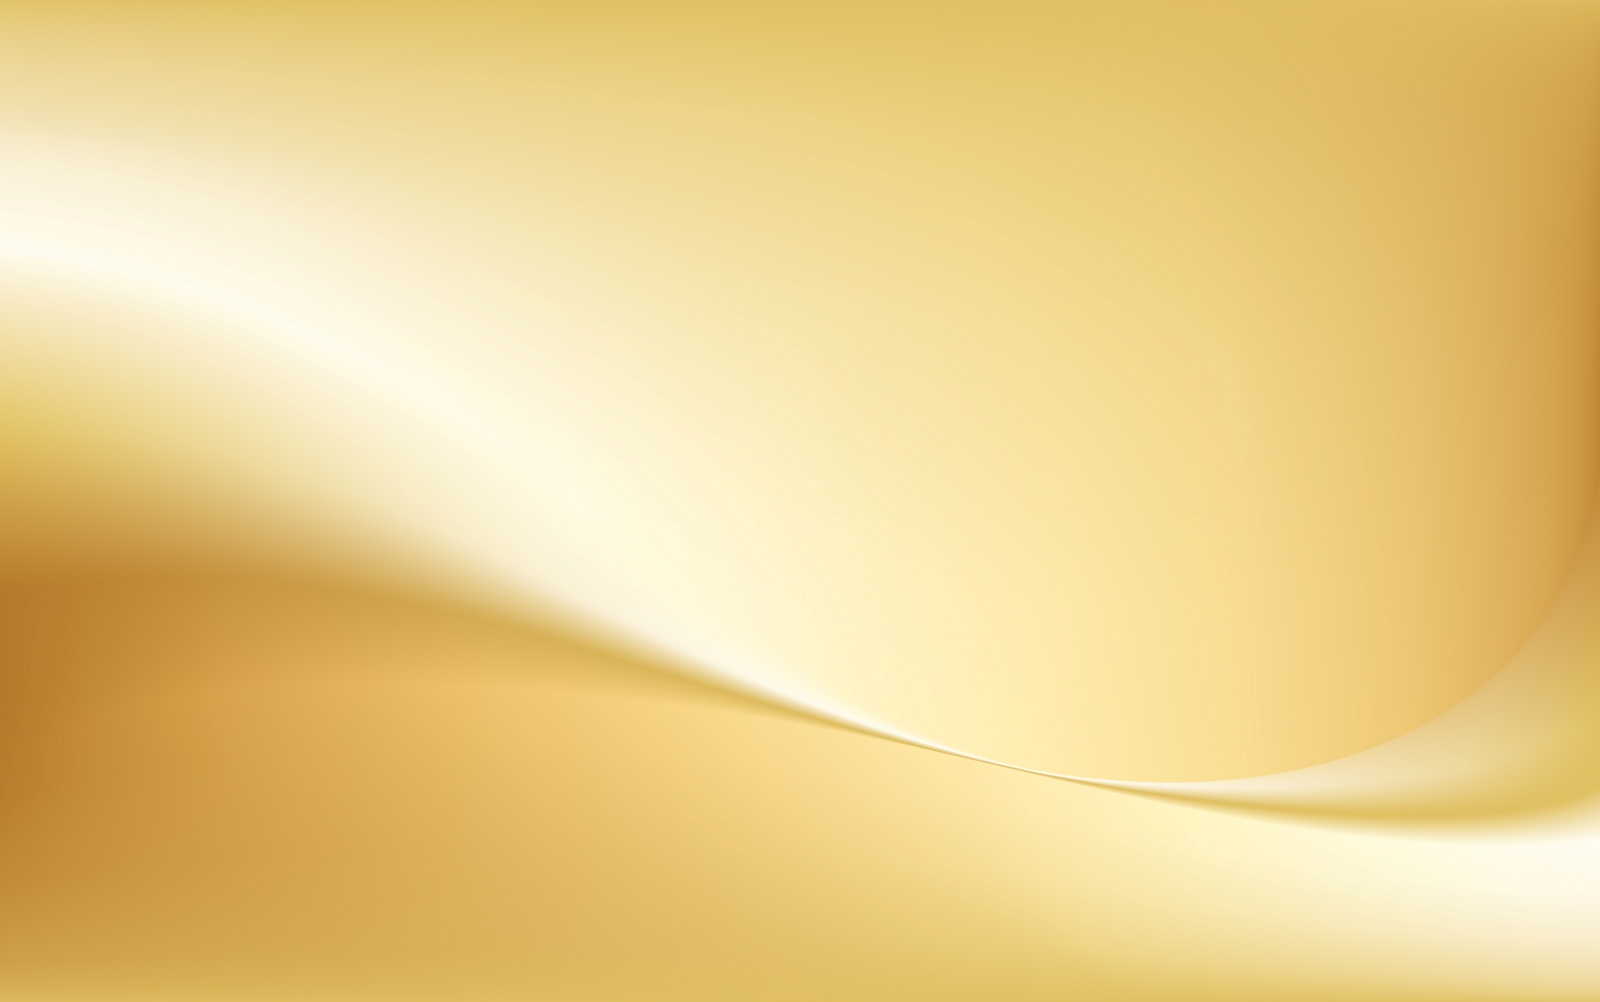 gold wallpaper 2825